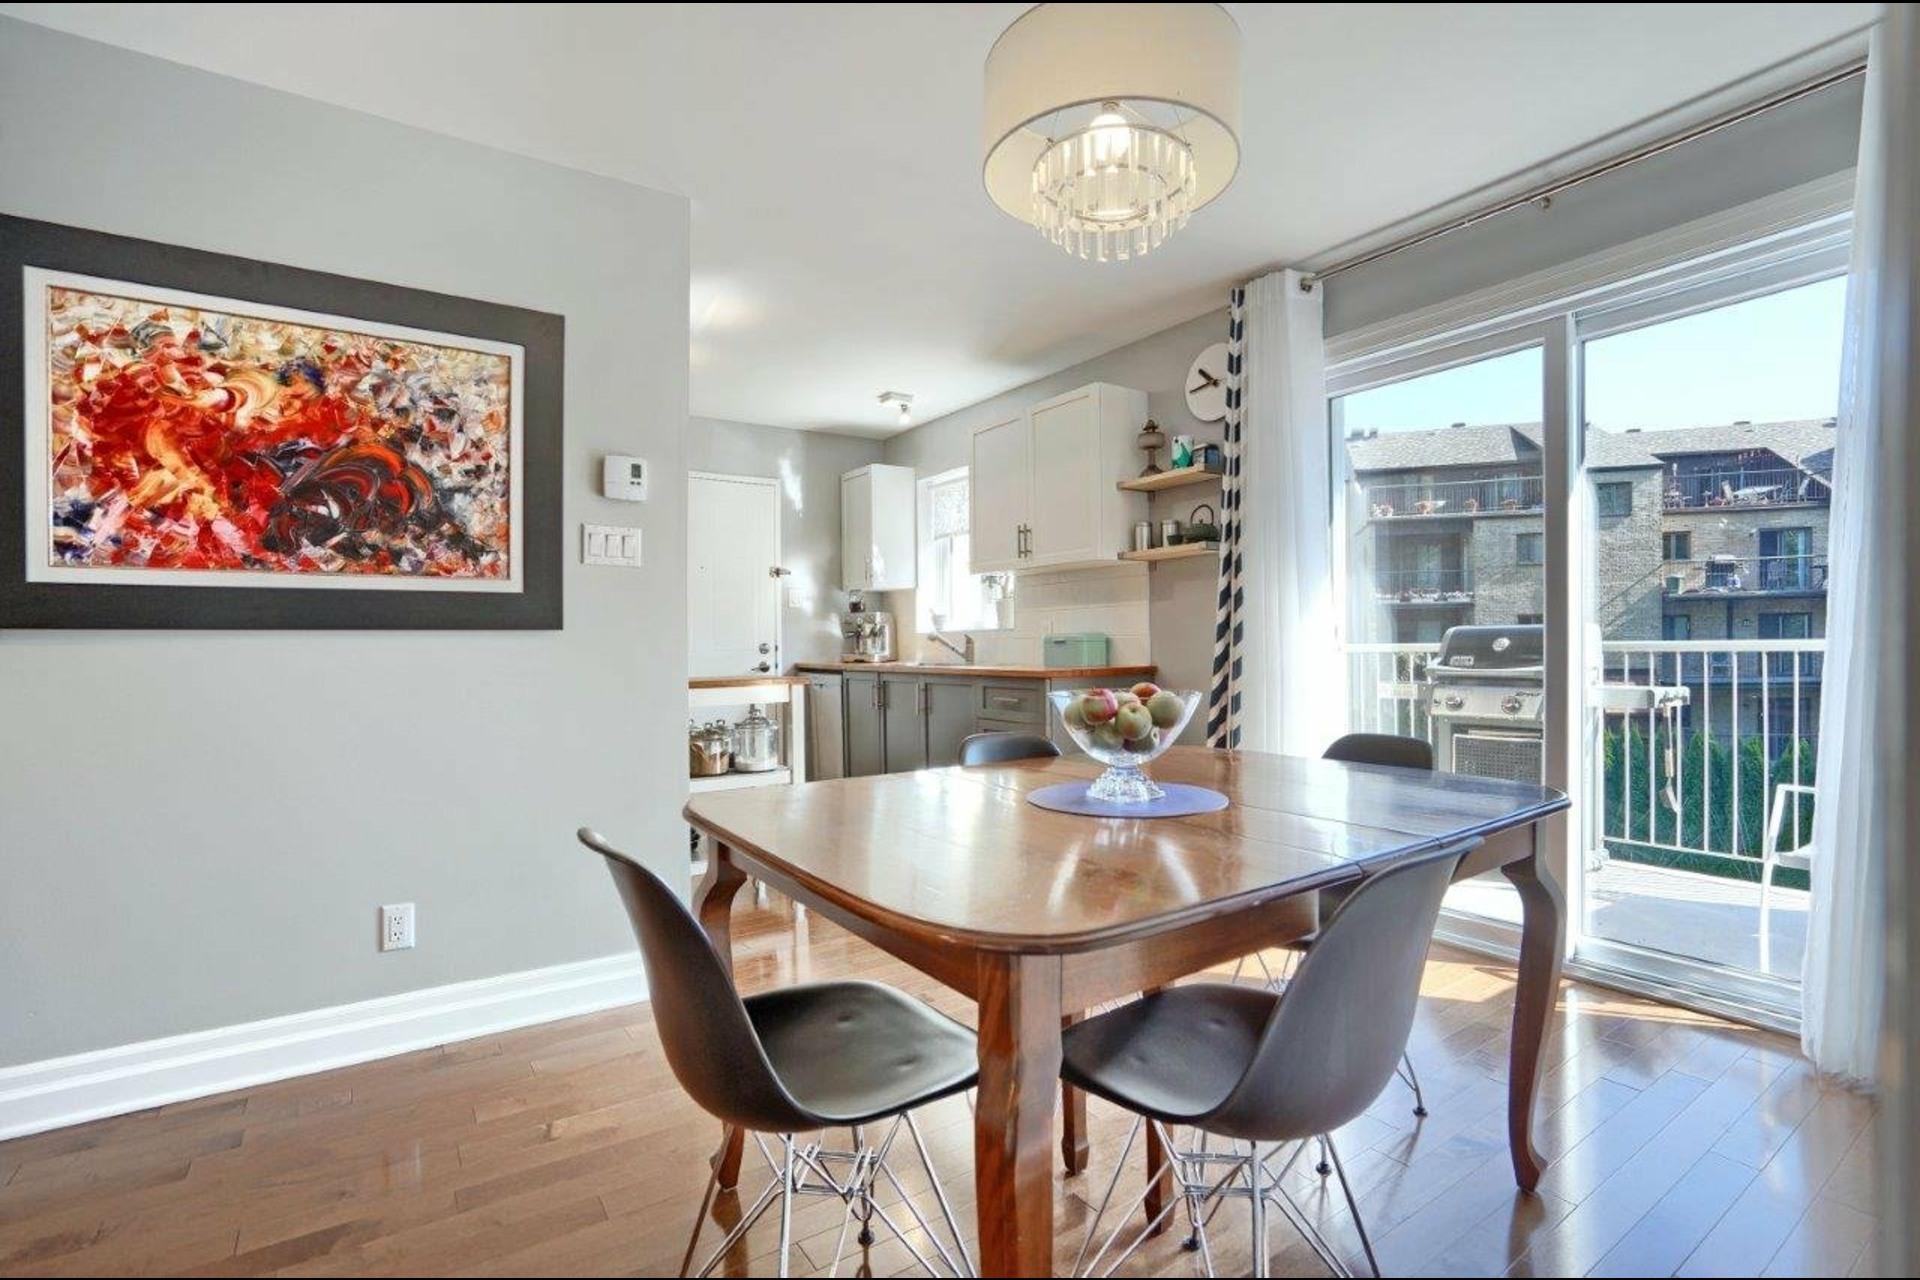 image 9 - Appartement À vendre Brossard - 7 pièces